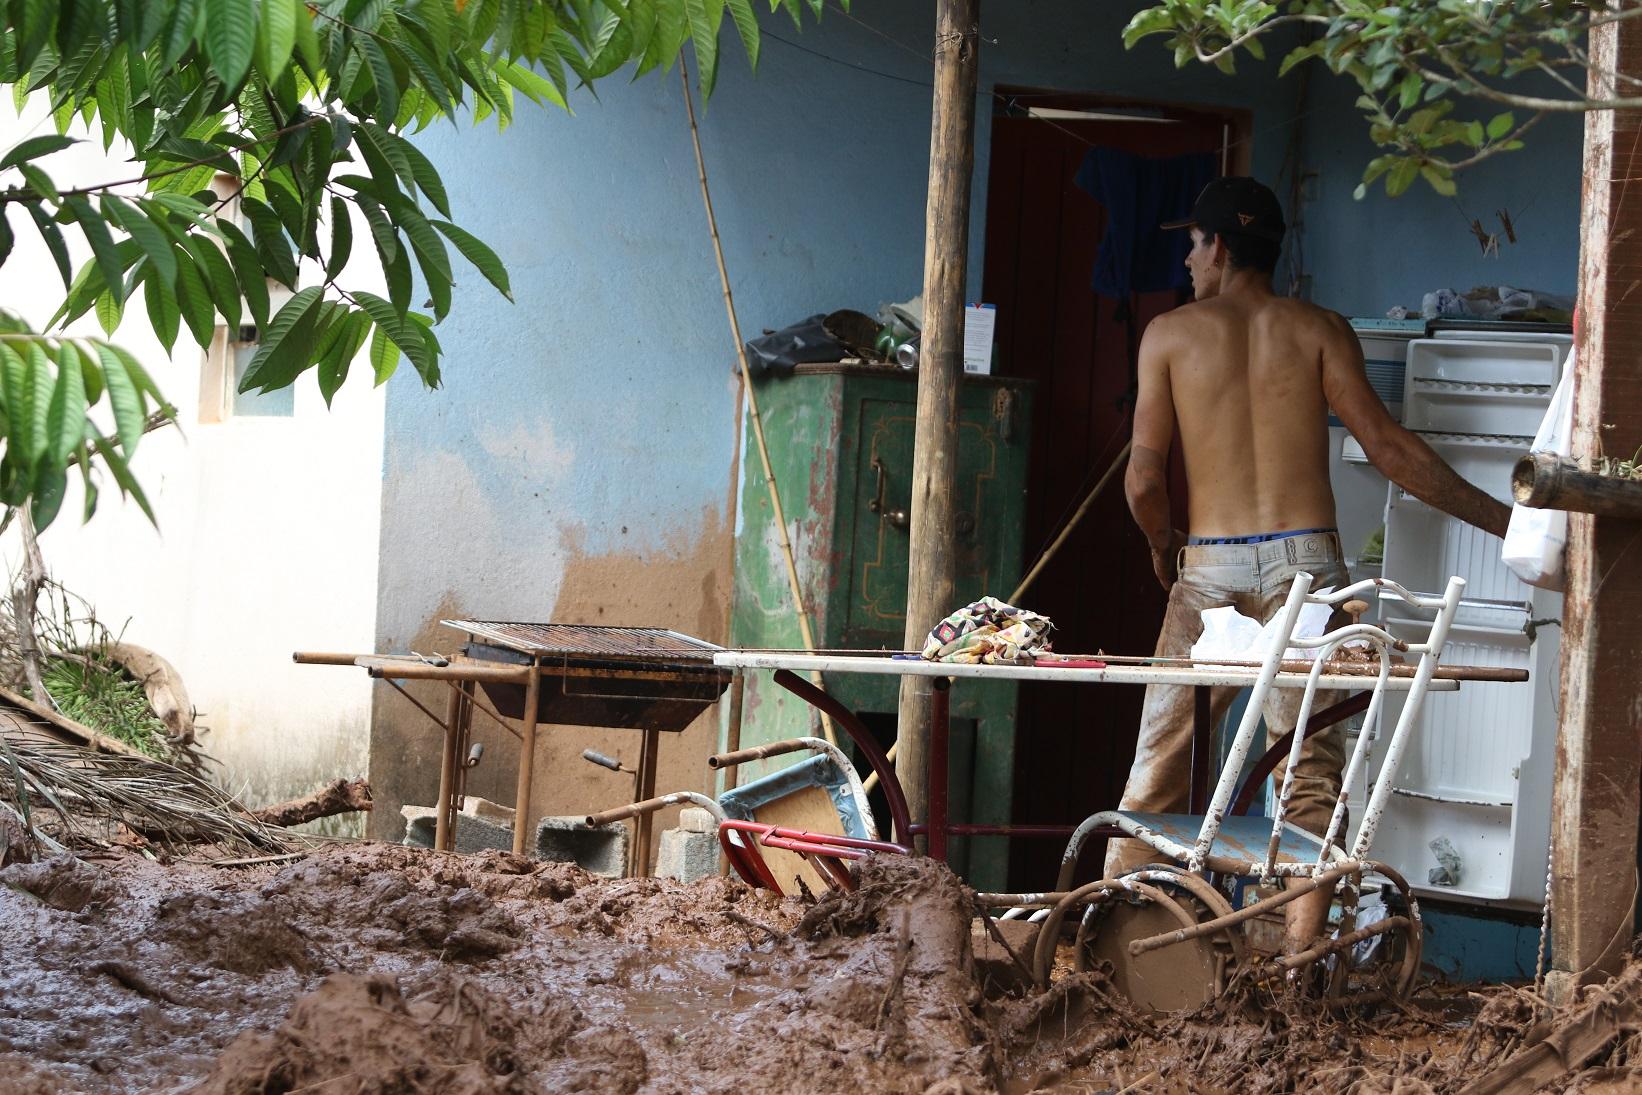 Uma das vítimas do desastre tenta salvar uma geladeira no meio dos escombros. Foto Doug Patrício/DPA